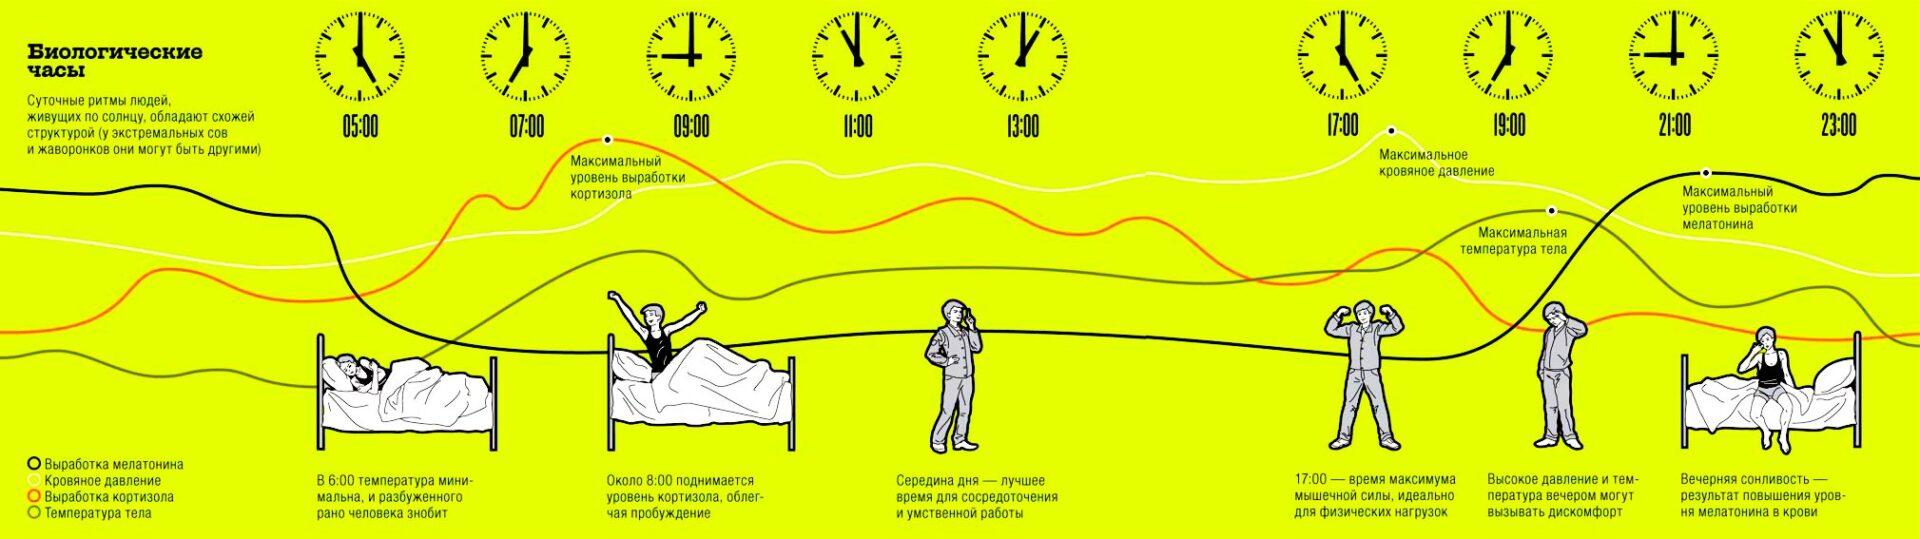 График биологических часов взрослого человека. Суточные ритмы людей, живущих по солнцу